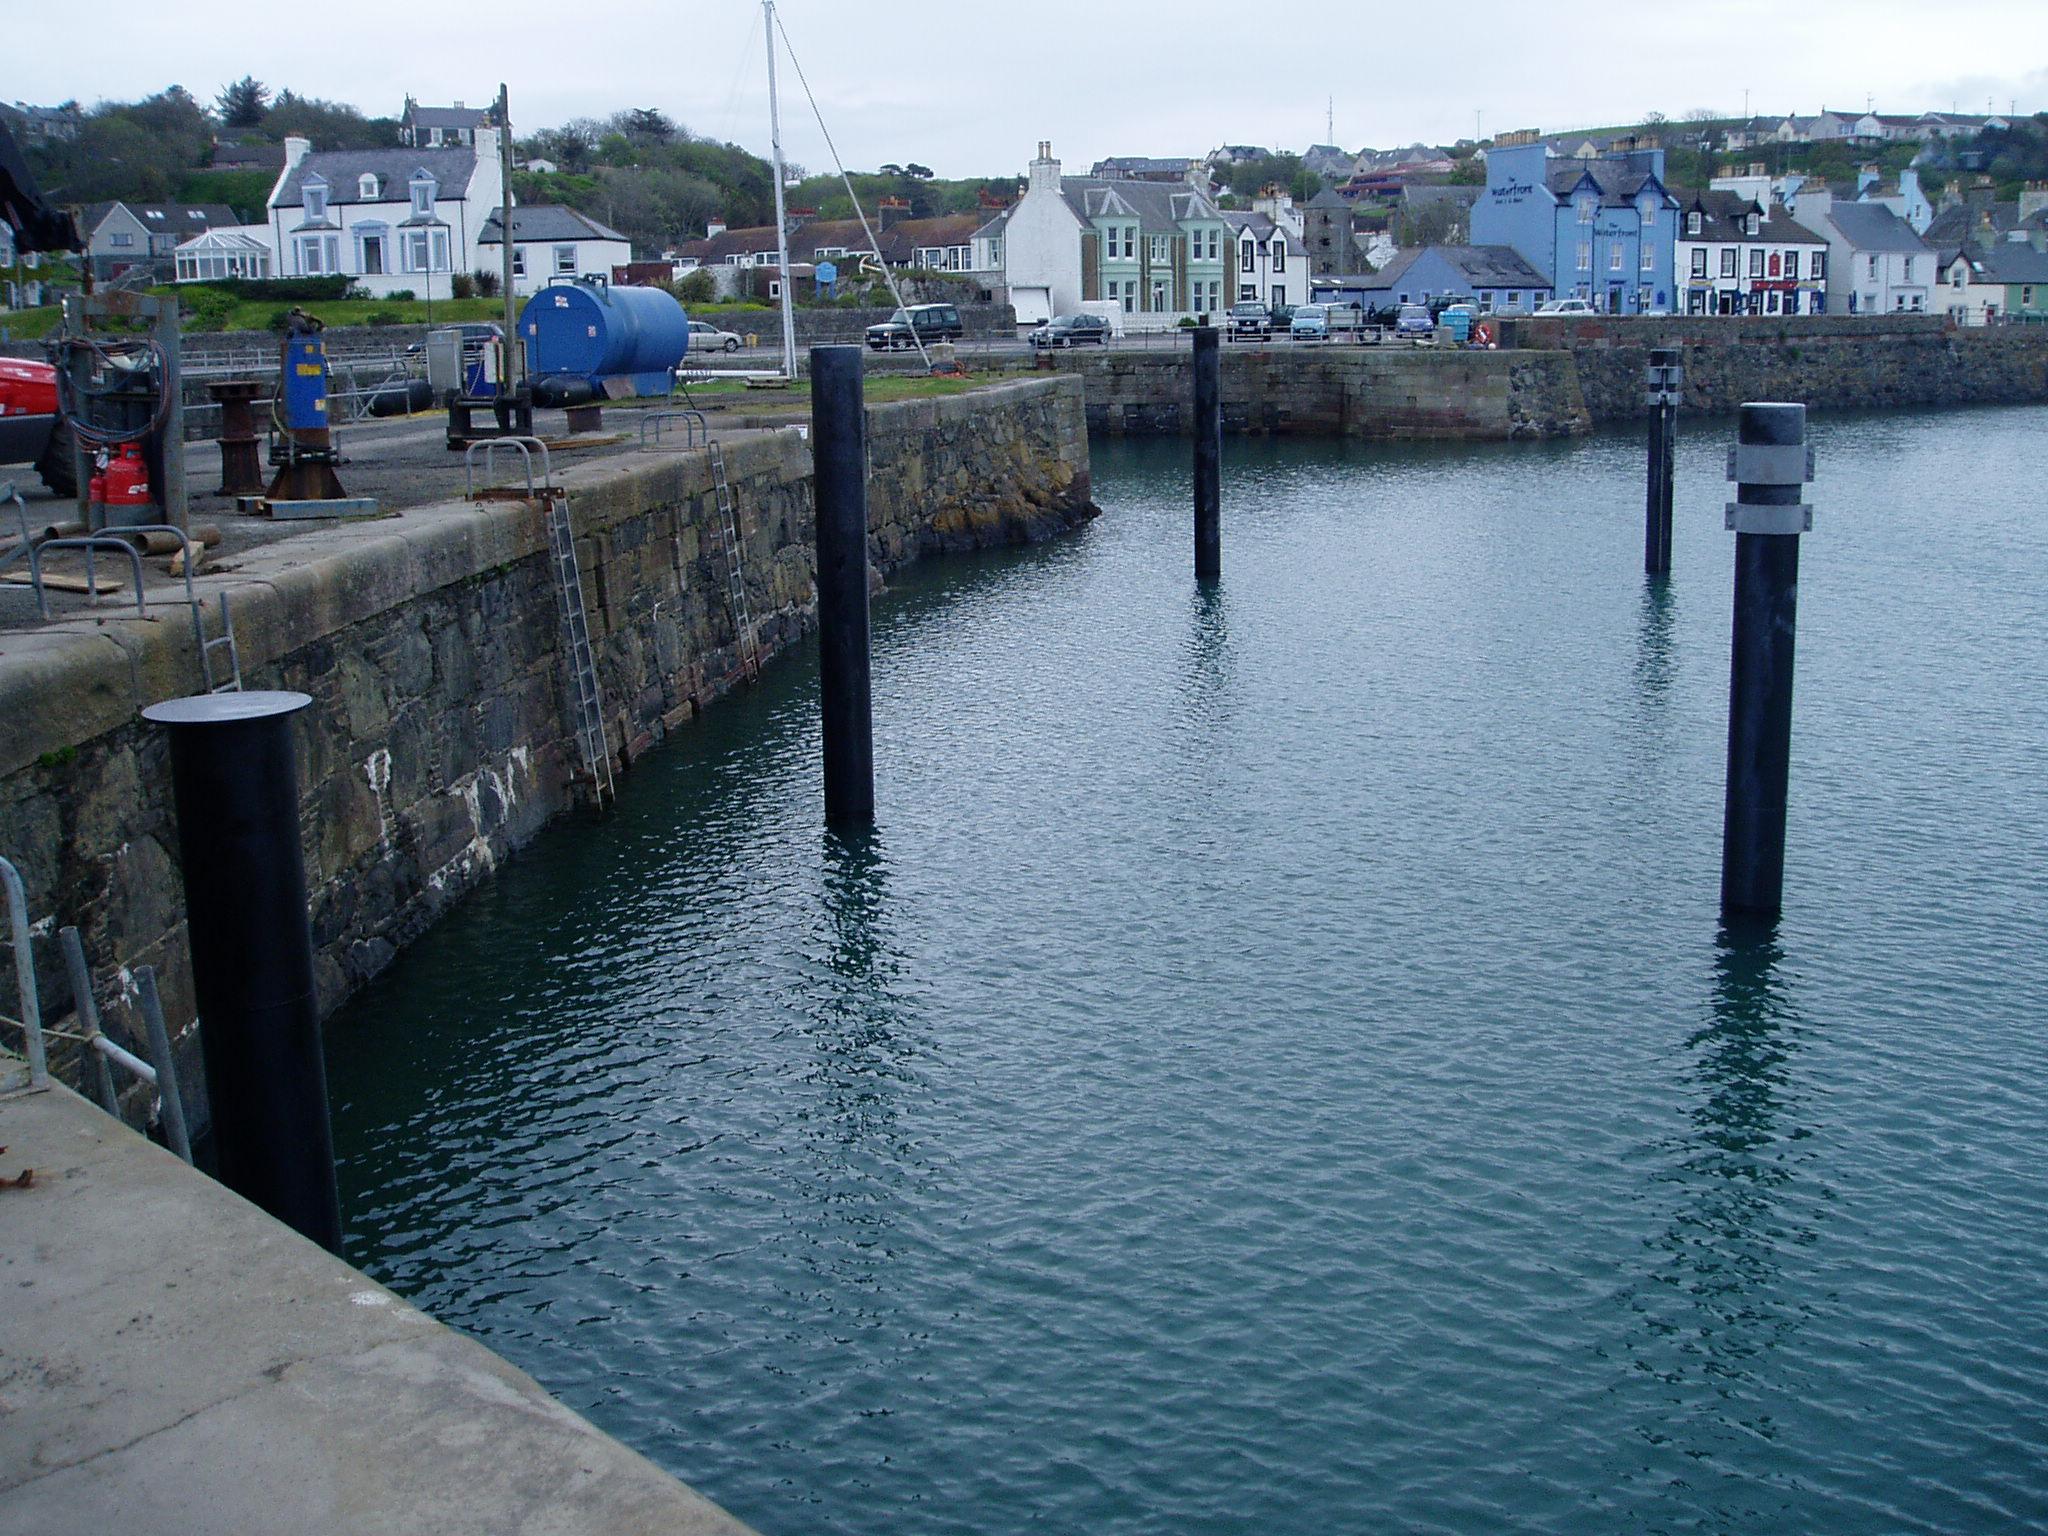 RNLI Portpatrick